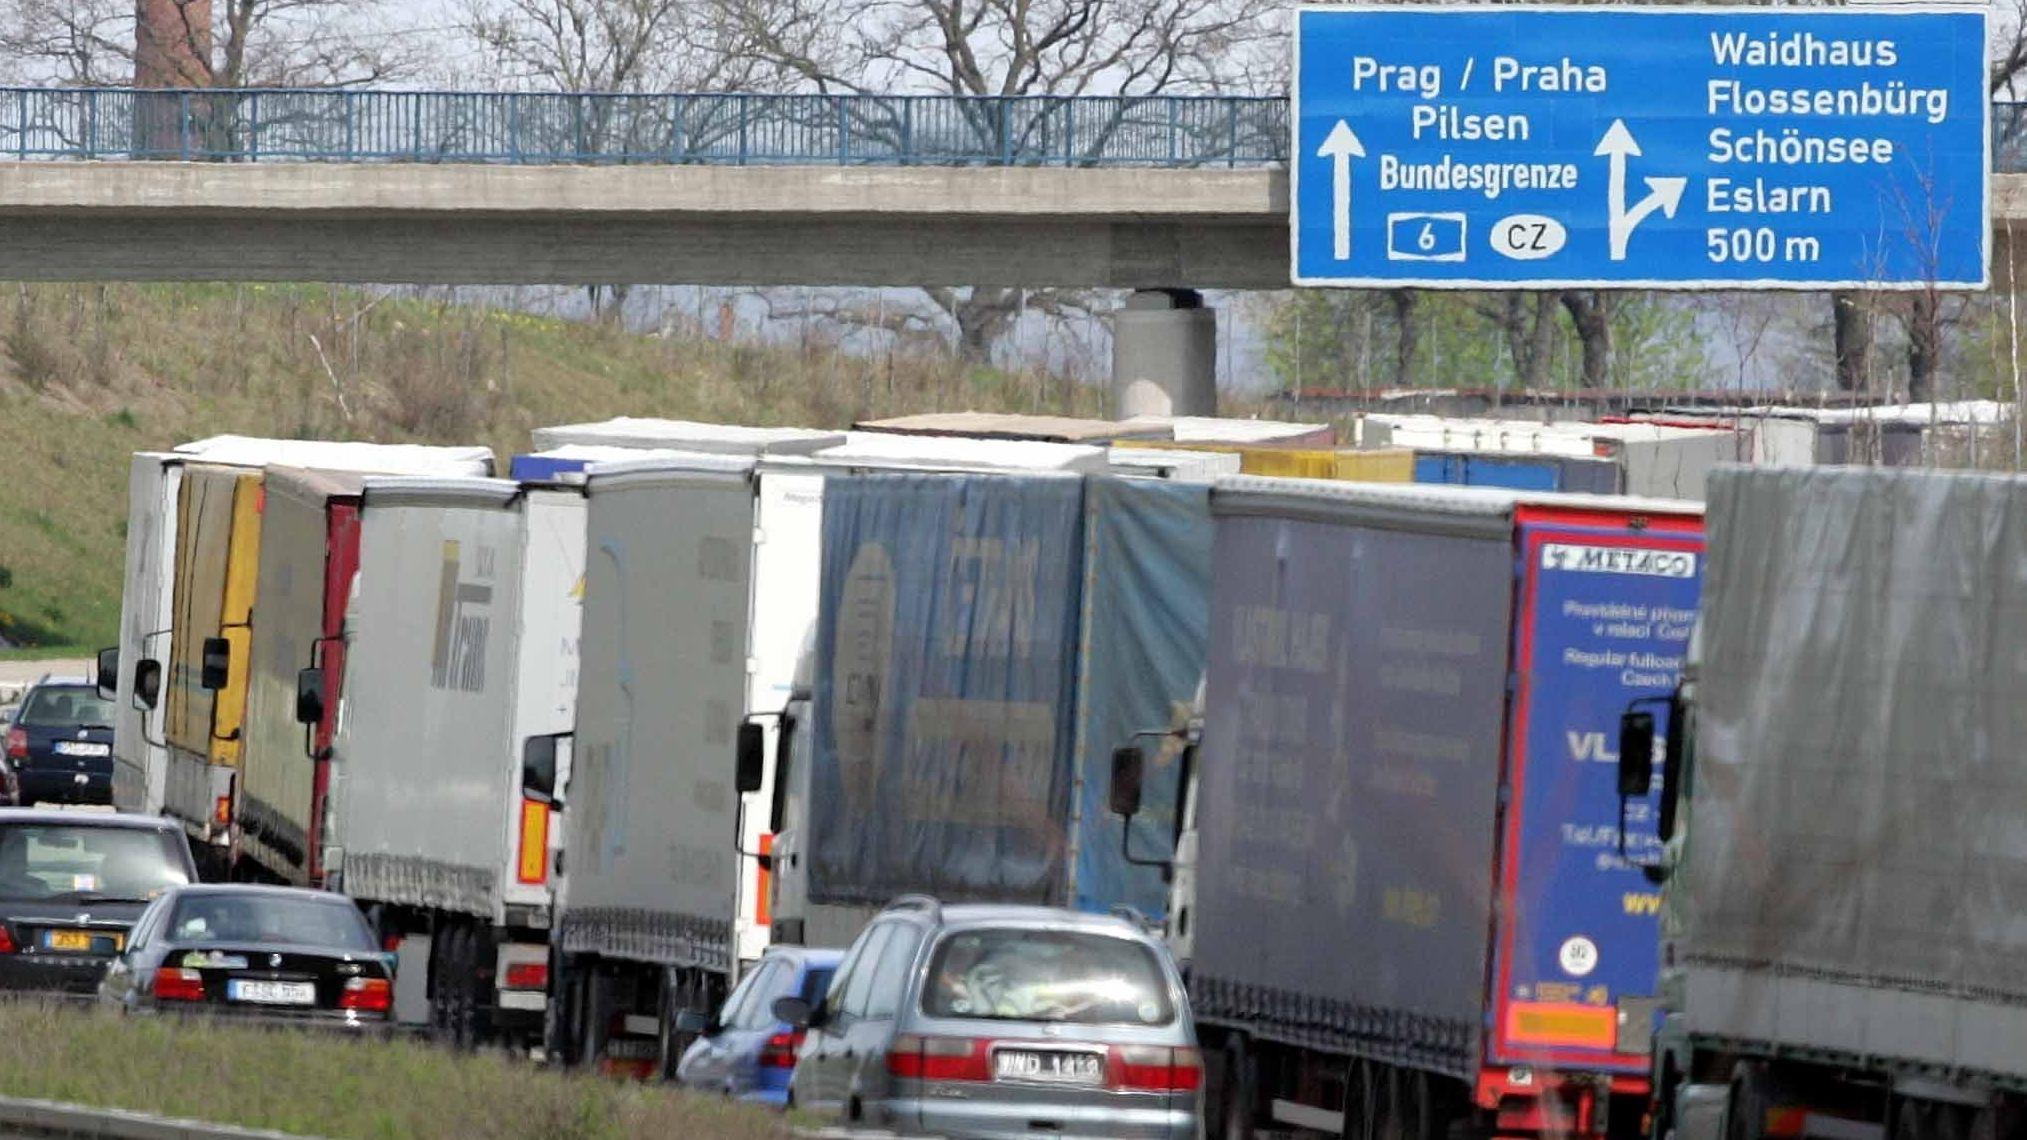 Die A6 in der Oberpfalz: Der tschechische Mautbetreiber Czechtoll warnt vor langen Staus, wenn im Dezember ein neues Mautsystem eingeführt wird.